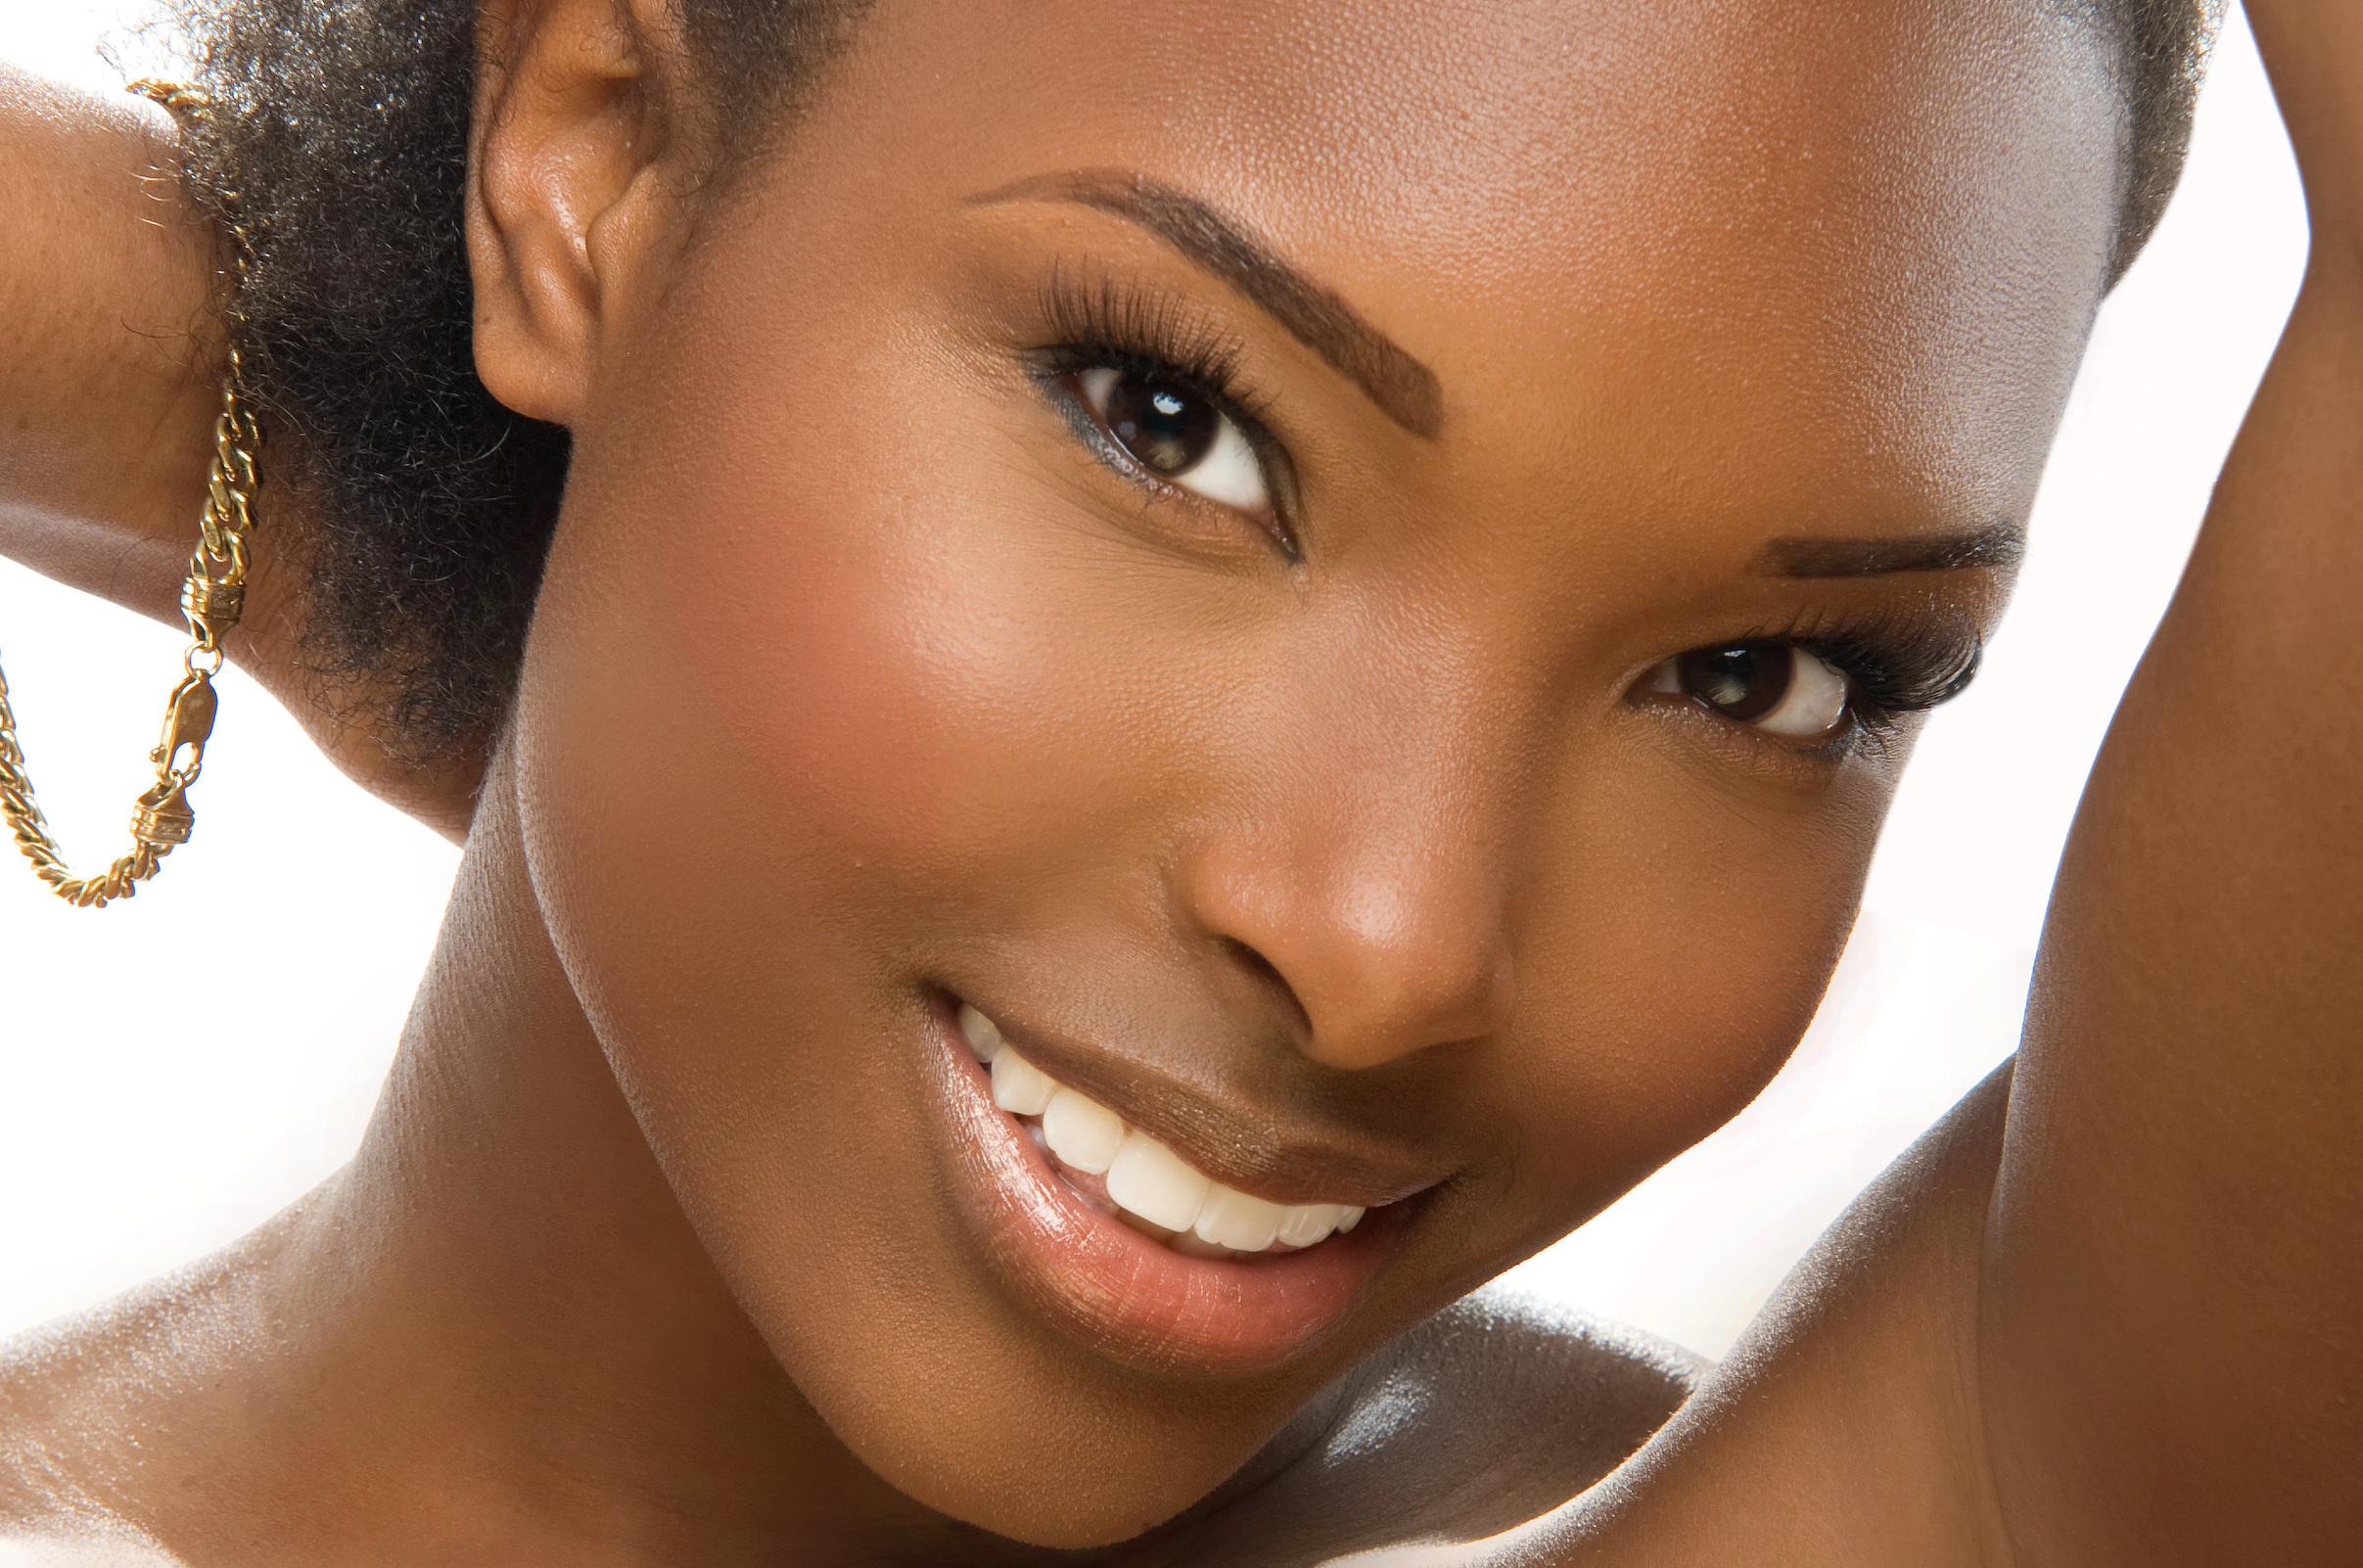 Красивая афроамериканка самая